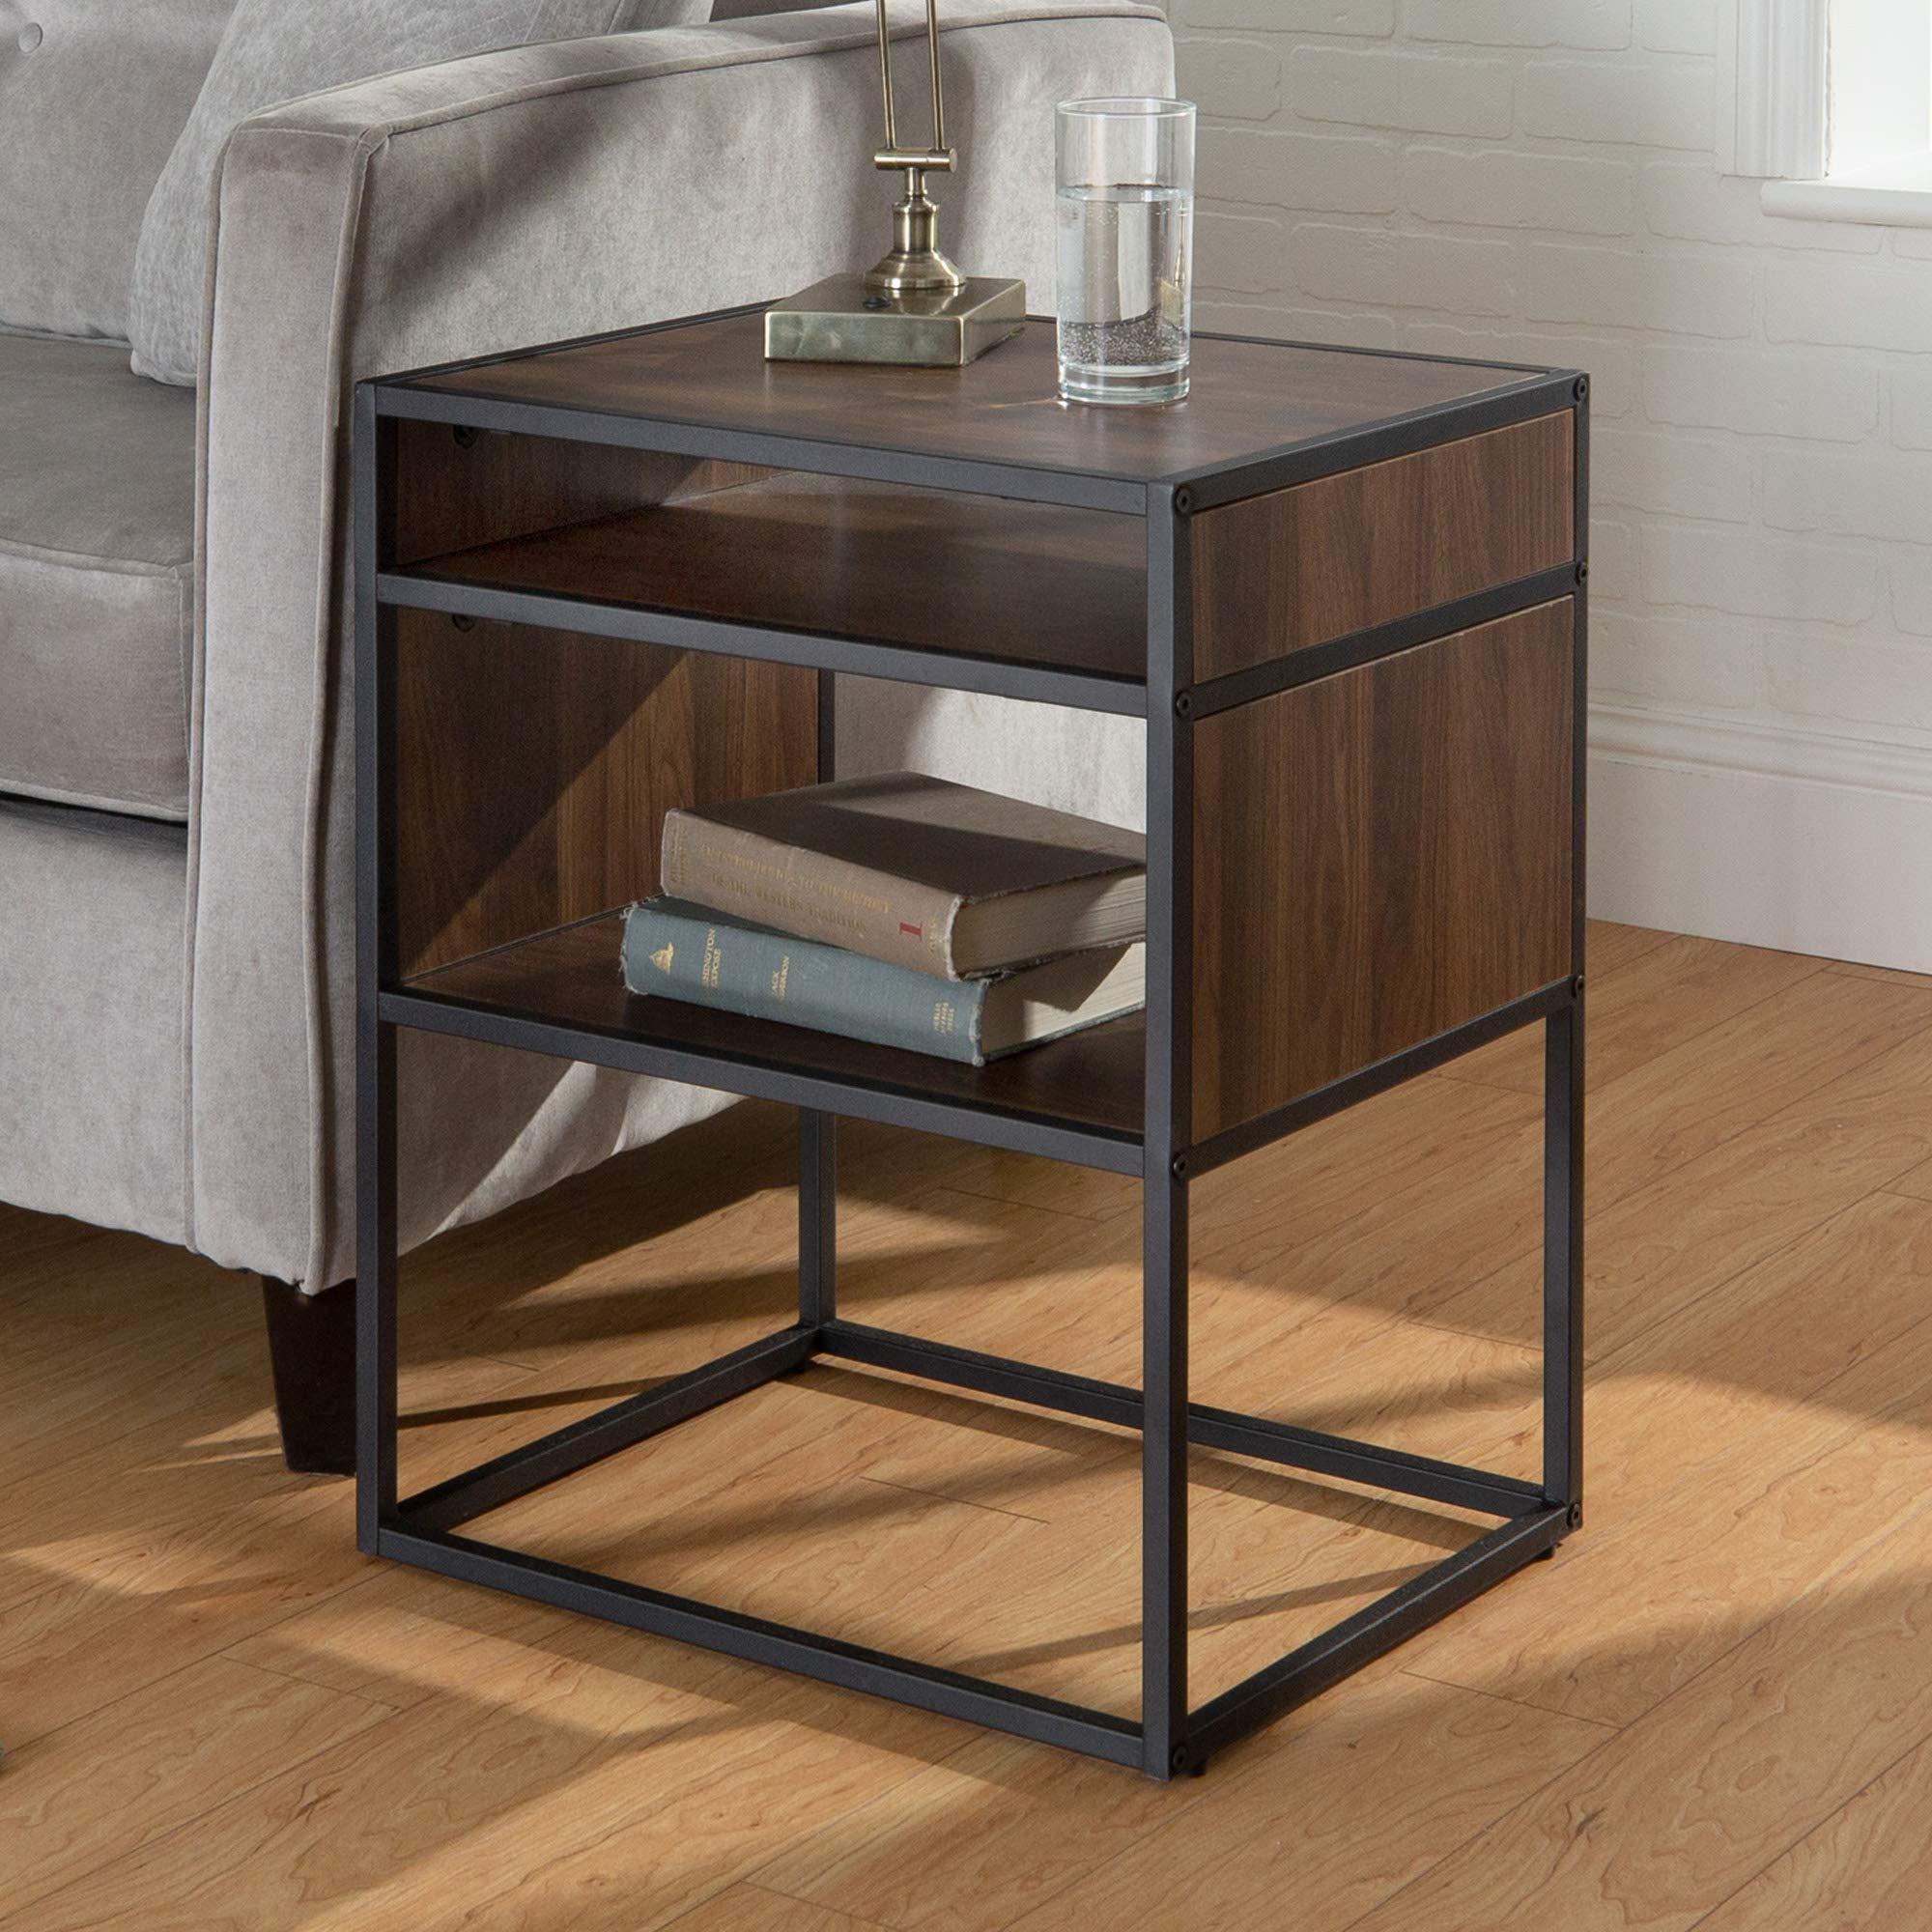 WE Furniture Modern Square Open Shelf Side End Table for Living Room Bedroom, 20'', Dark Walnut by WE Furniture